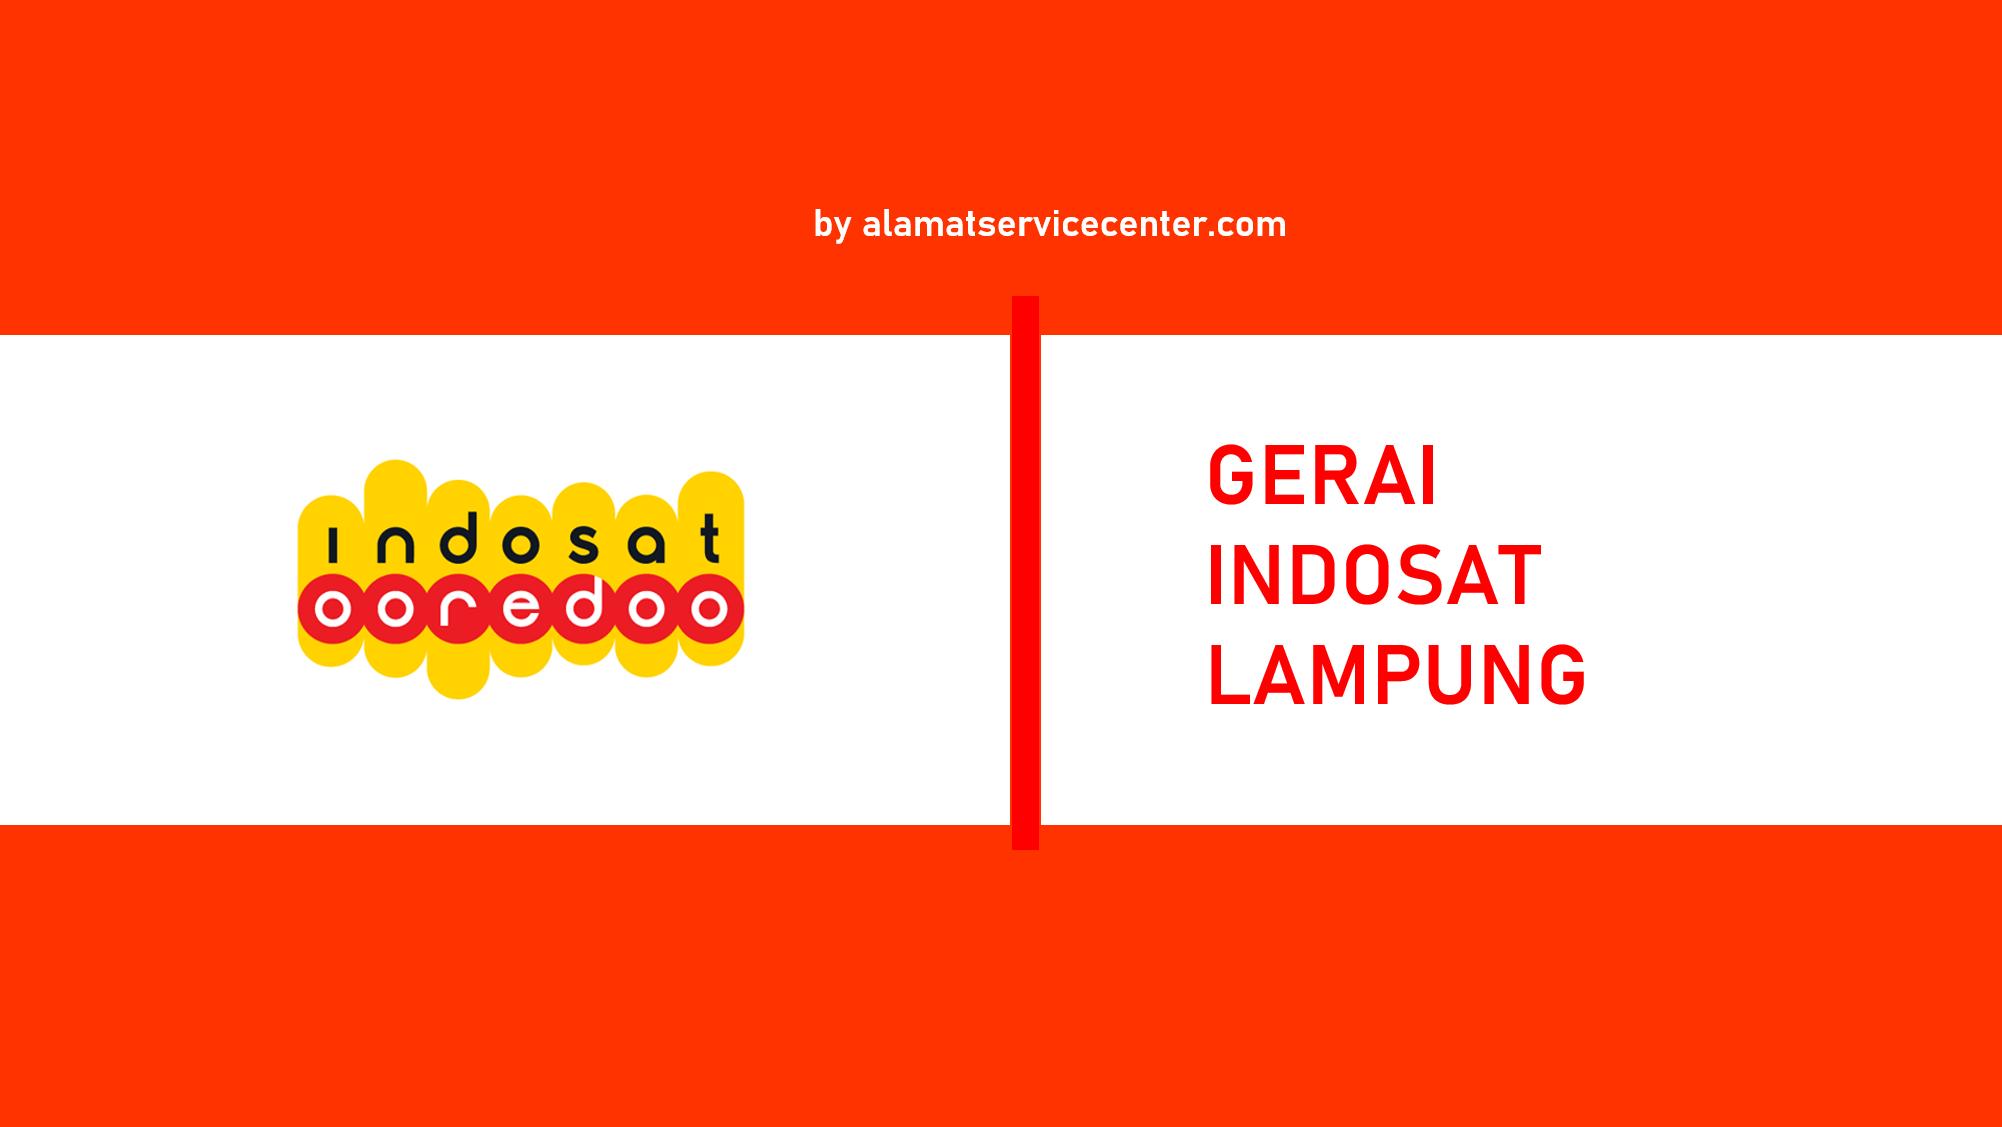 Gerai Indosat Lampung